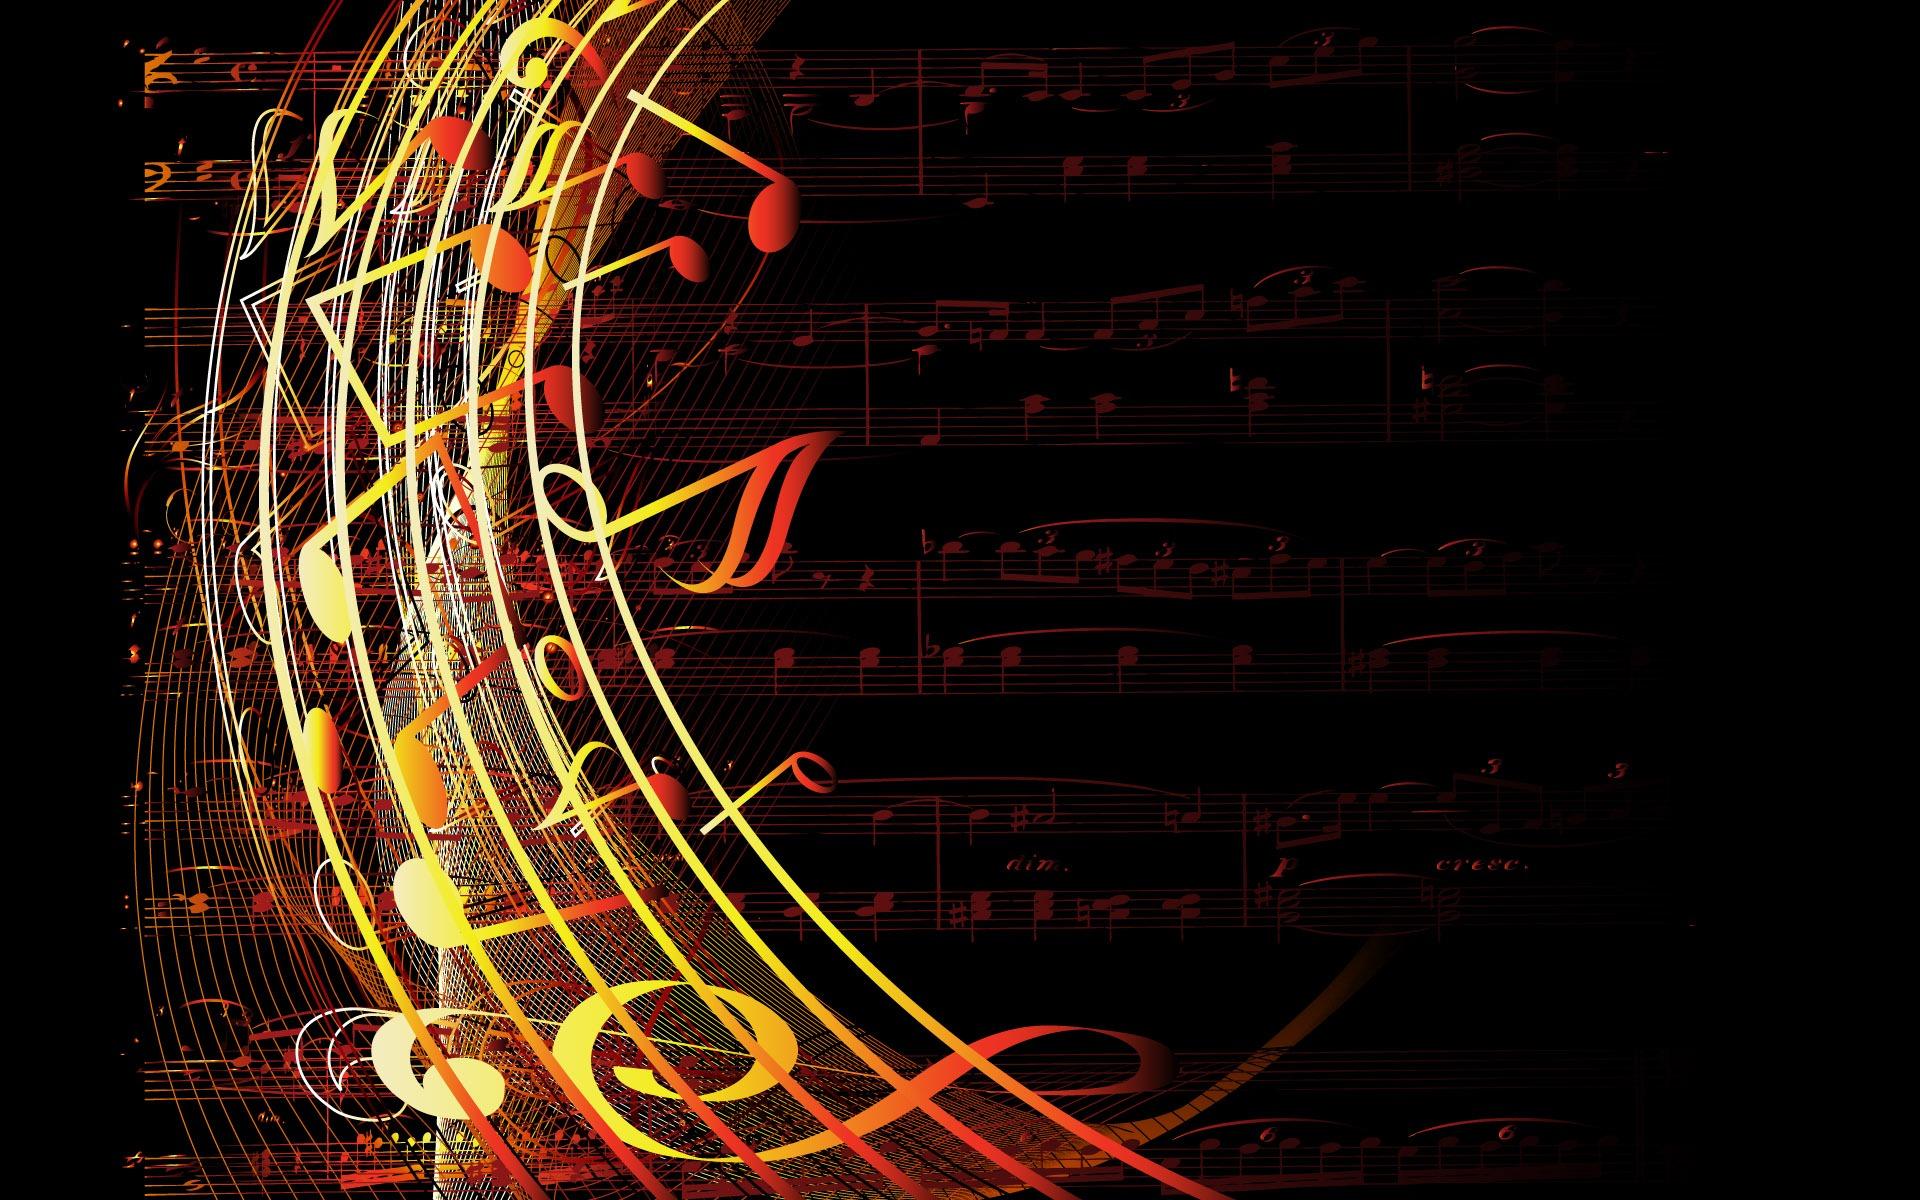 Sheet music desktop wallpaper